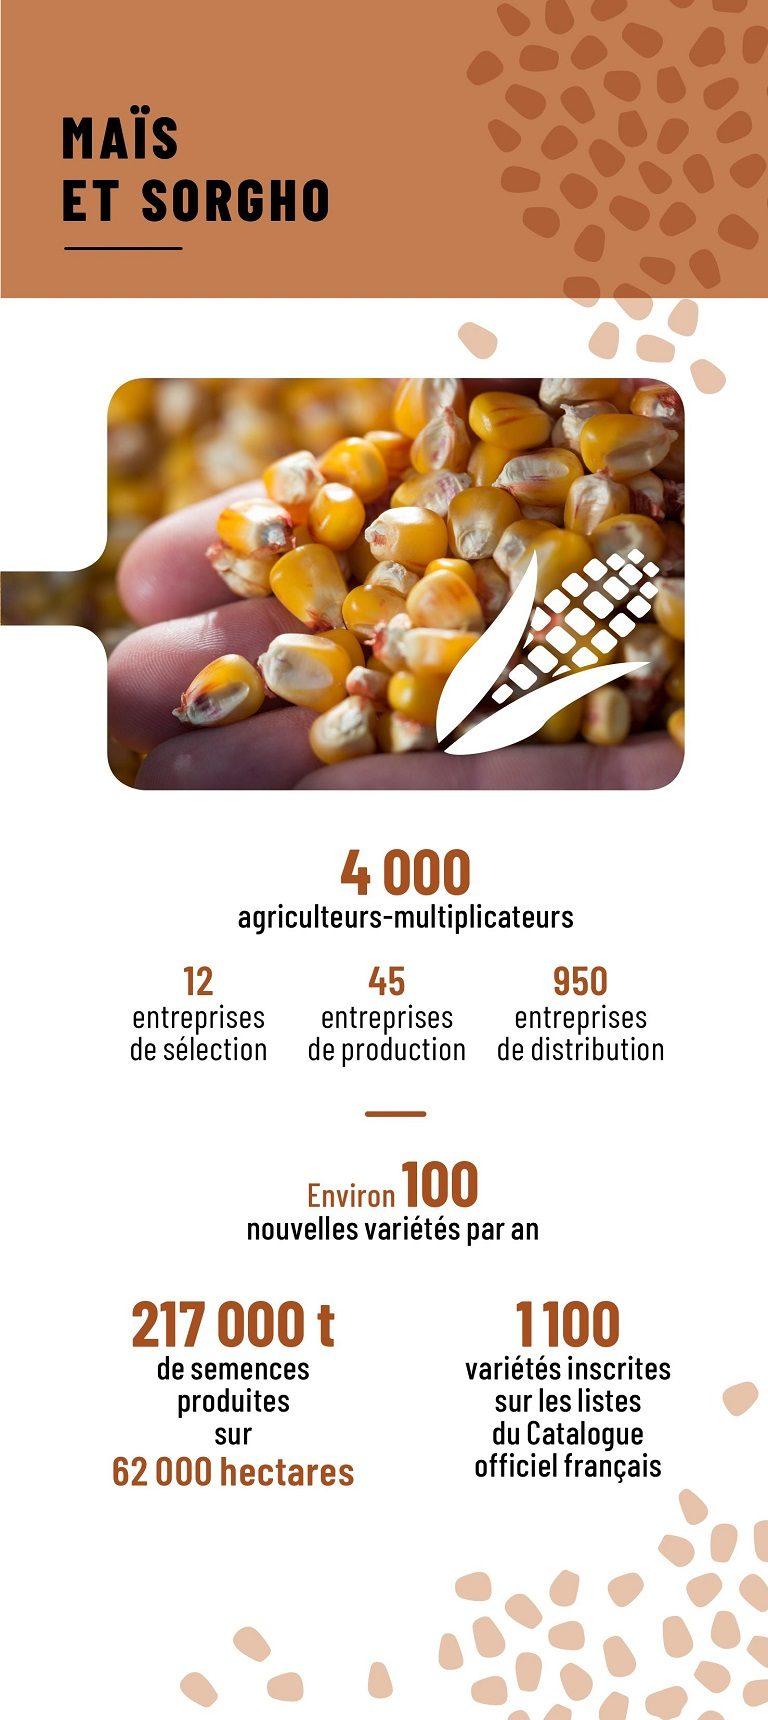 Chiffres clés de la filière semences maïs et sorgho